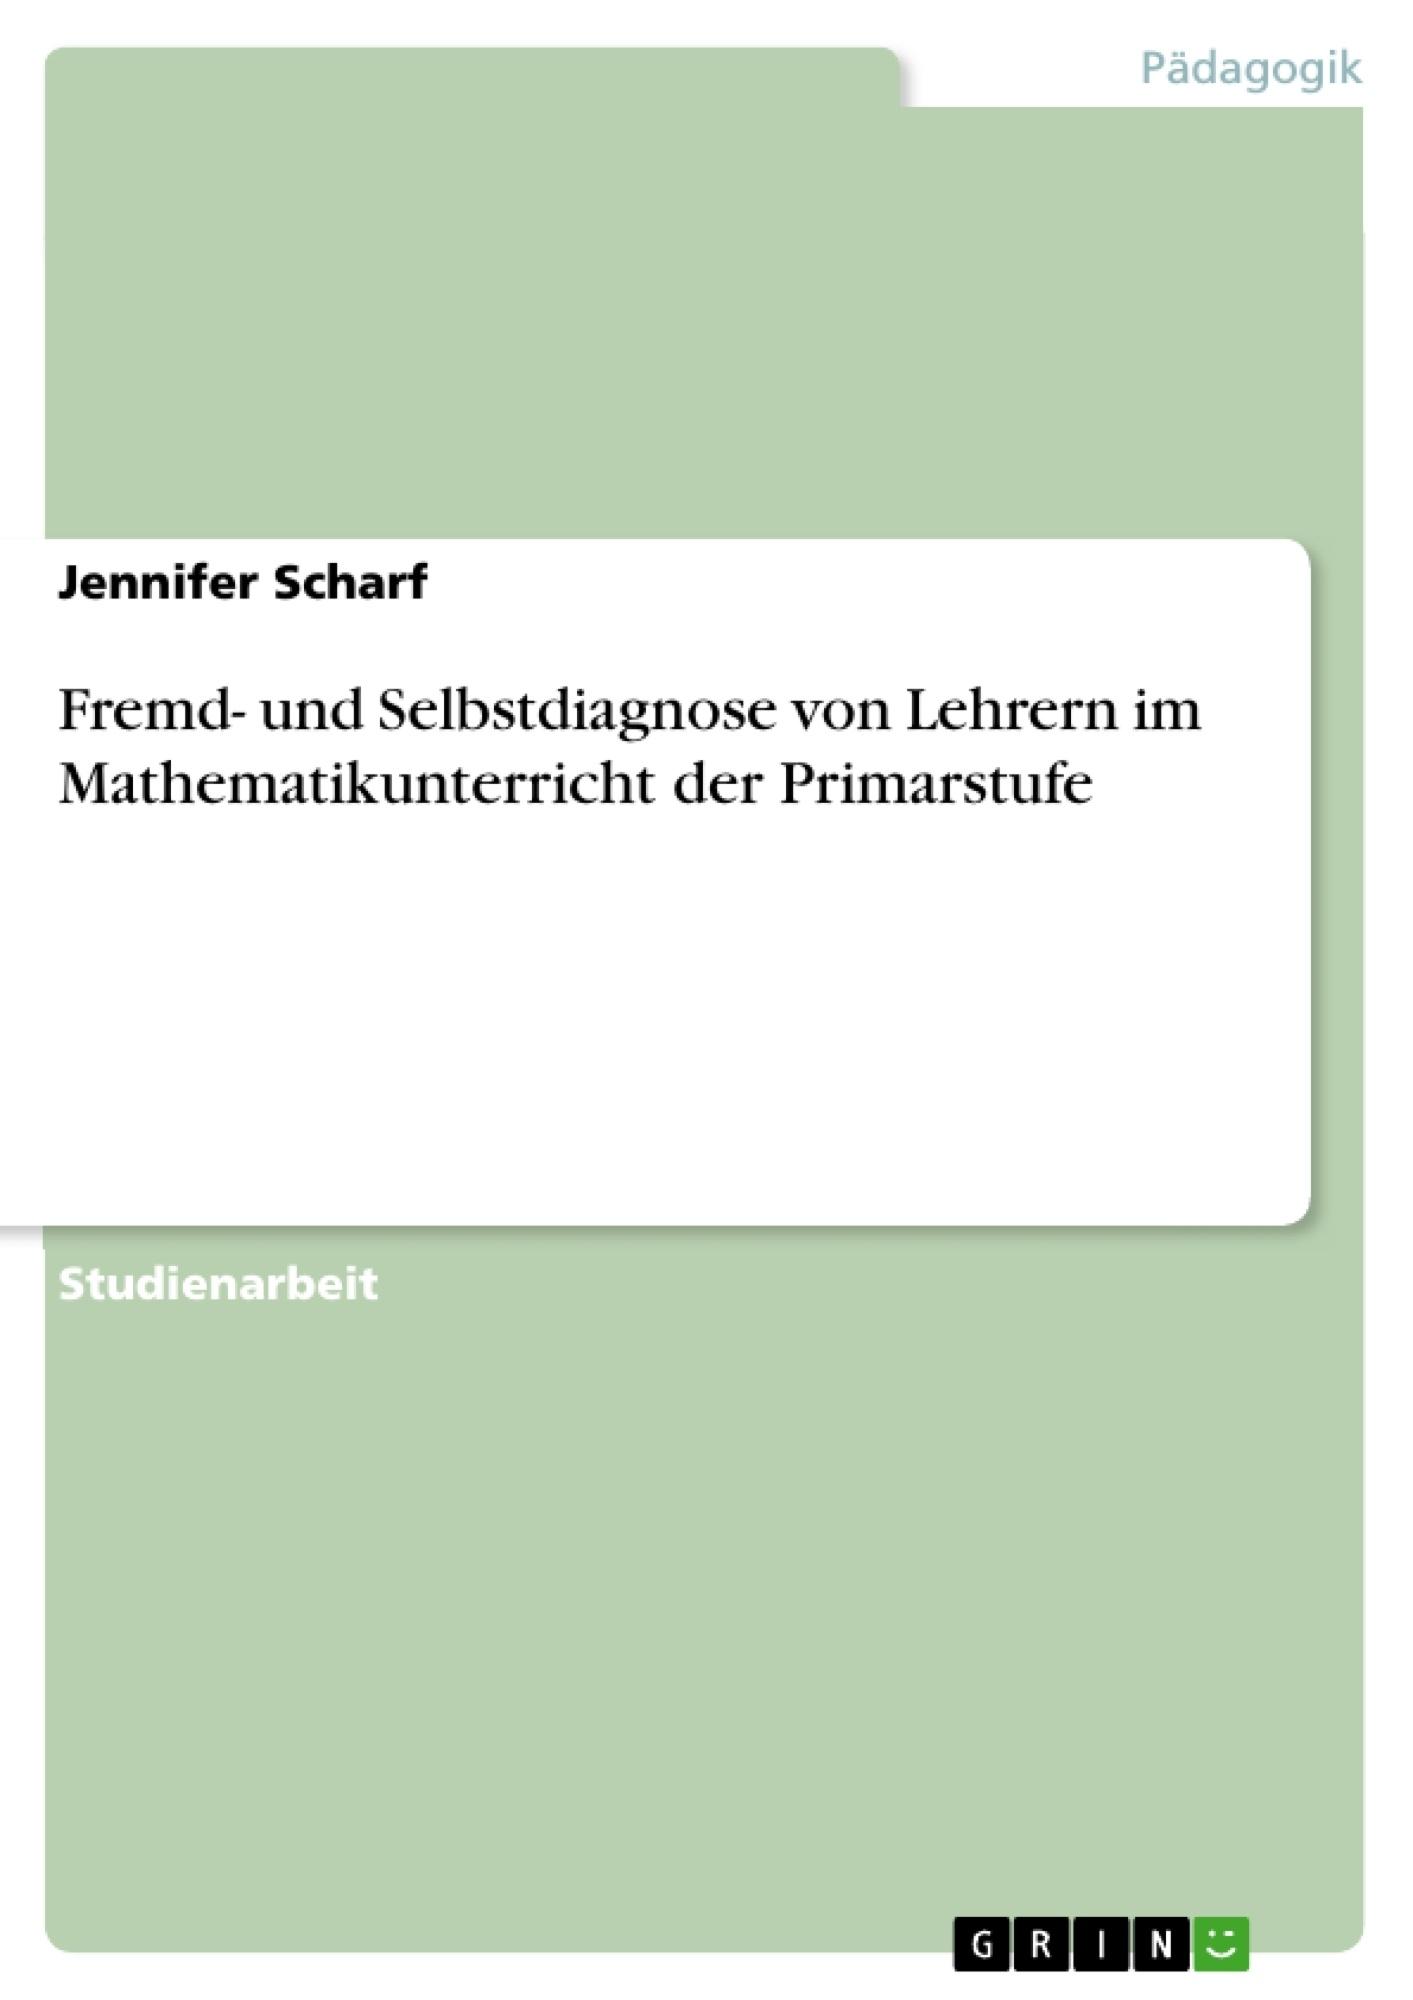 Titel: Fremd- und Selbstdiagnose von Lehrern im Mathematikunterricht der Primarstufe